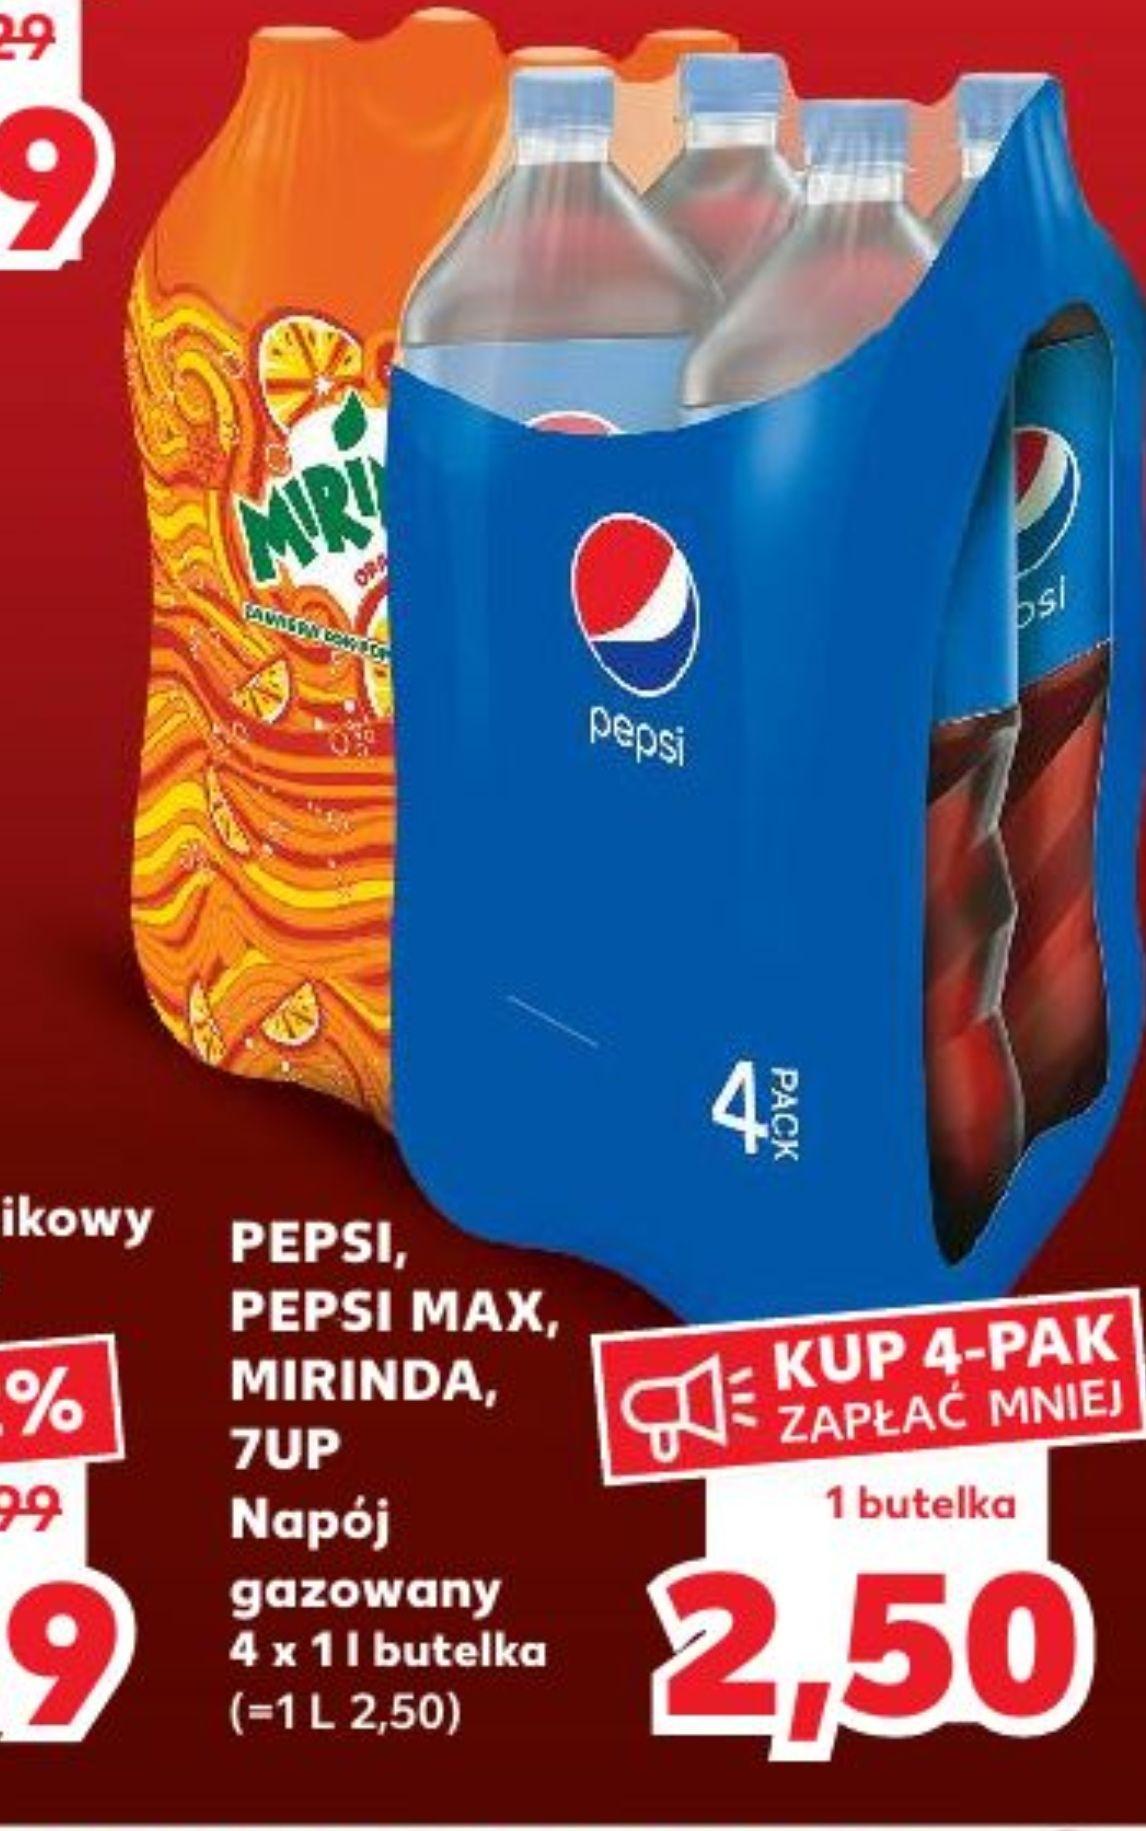 Pepsi w Kaufland 1 L 2.50 sobota